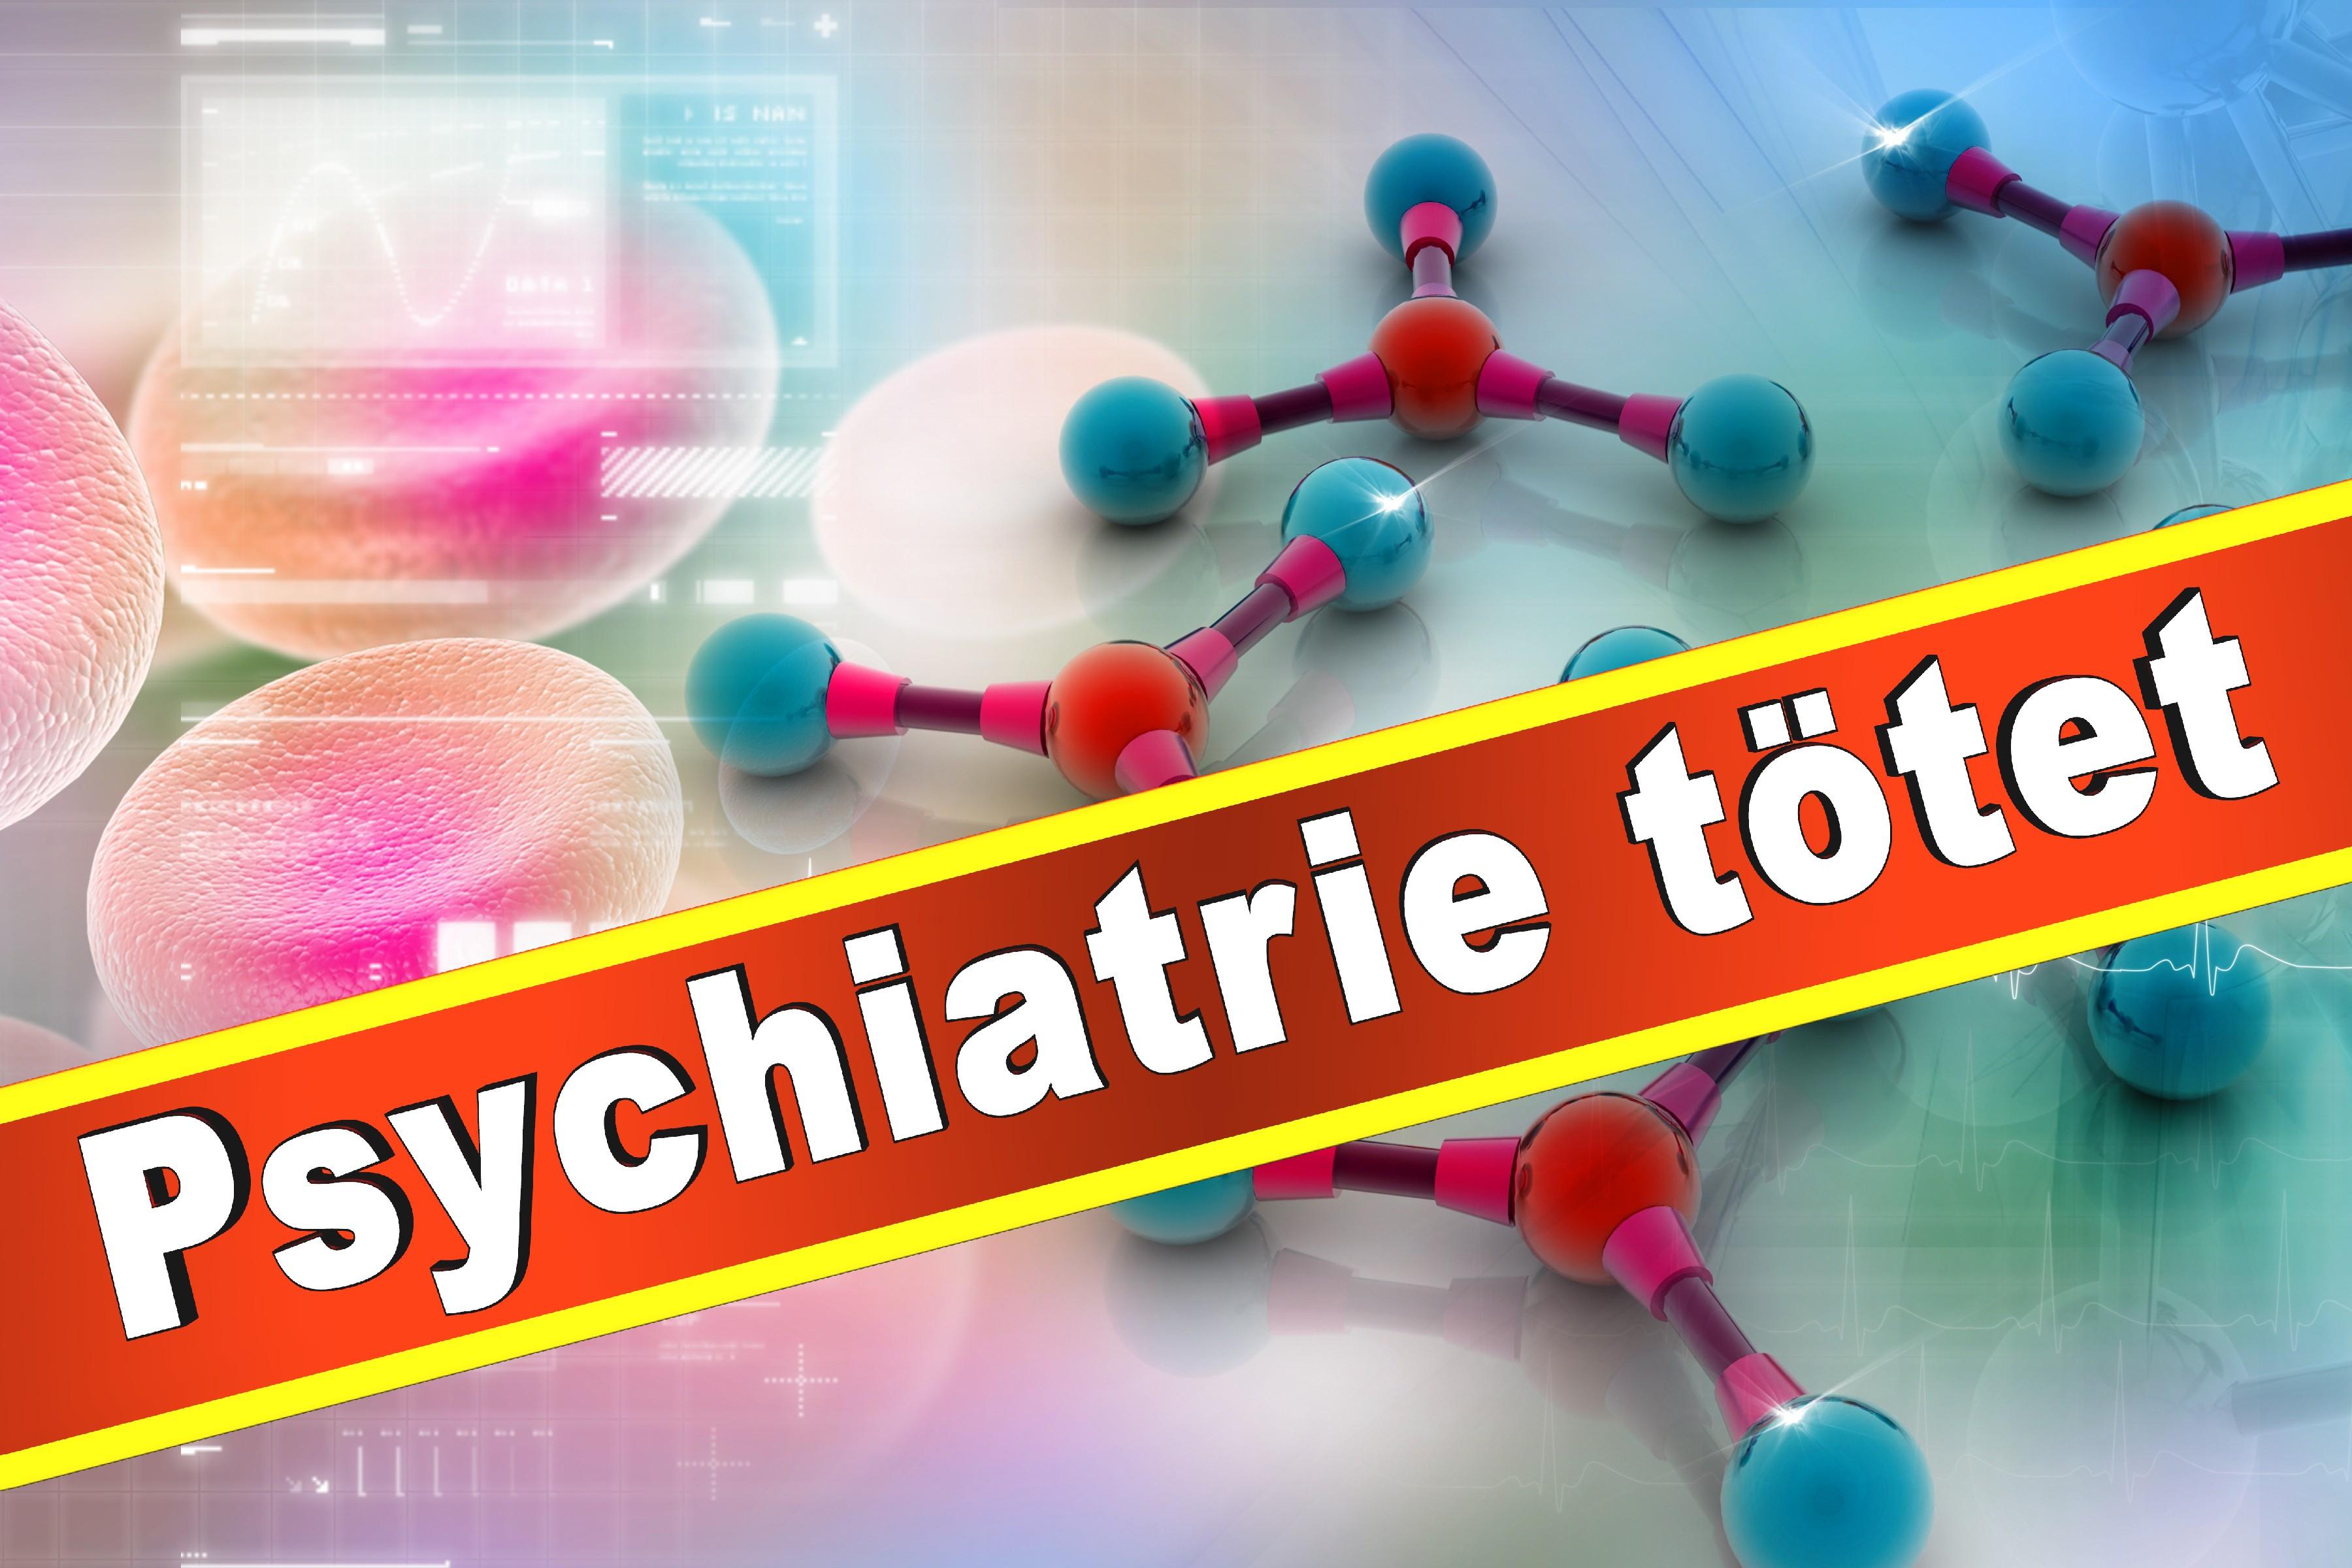 Carl Ernst Von Schönfeld Tagesklinik Psychiatrie Tod Bethel Psychiater Korruption Gift Zwangspsychiatrie Unterbringung (22)